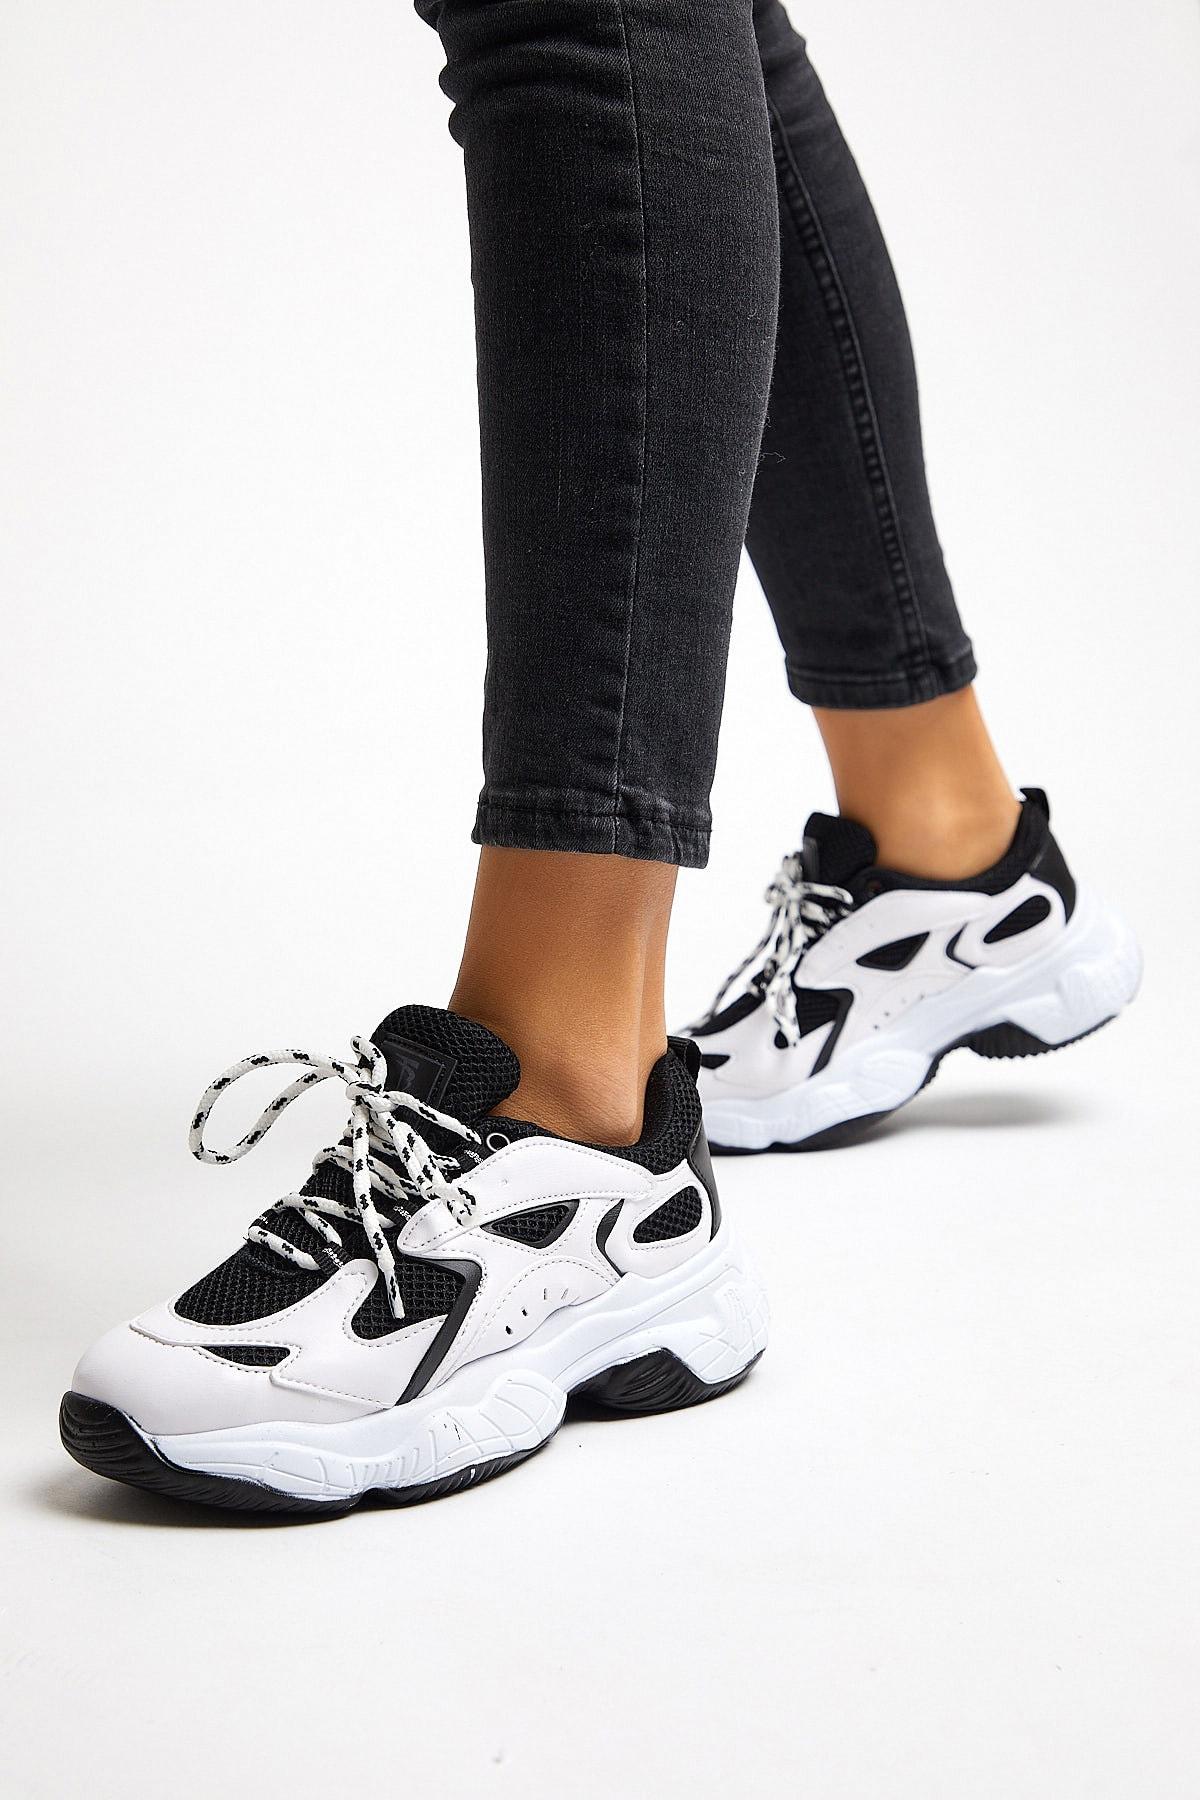 Tonny Black Bayan Spor Ayakkabı Siyah Beyaz Tb288 2